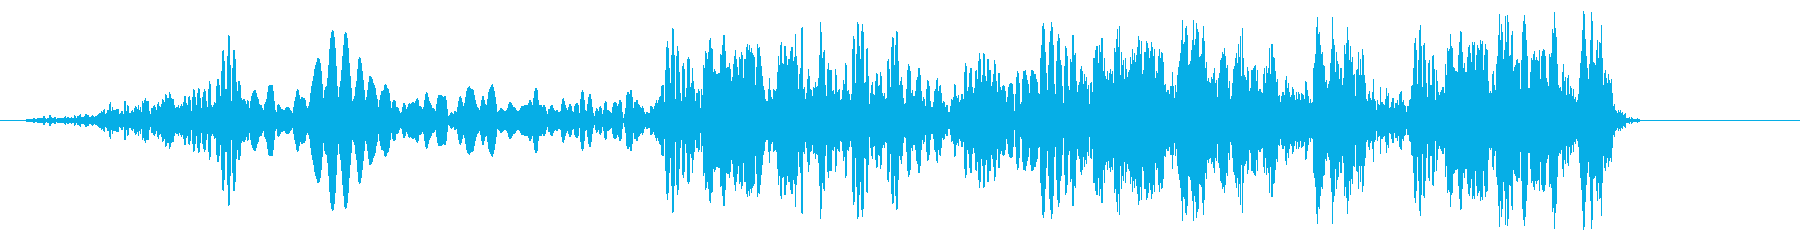 クルクル(ロープを巻く)の再生済みの波形